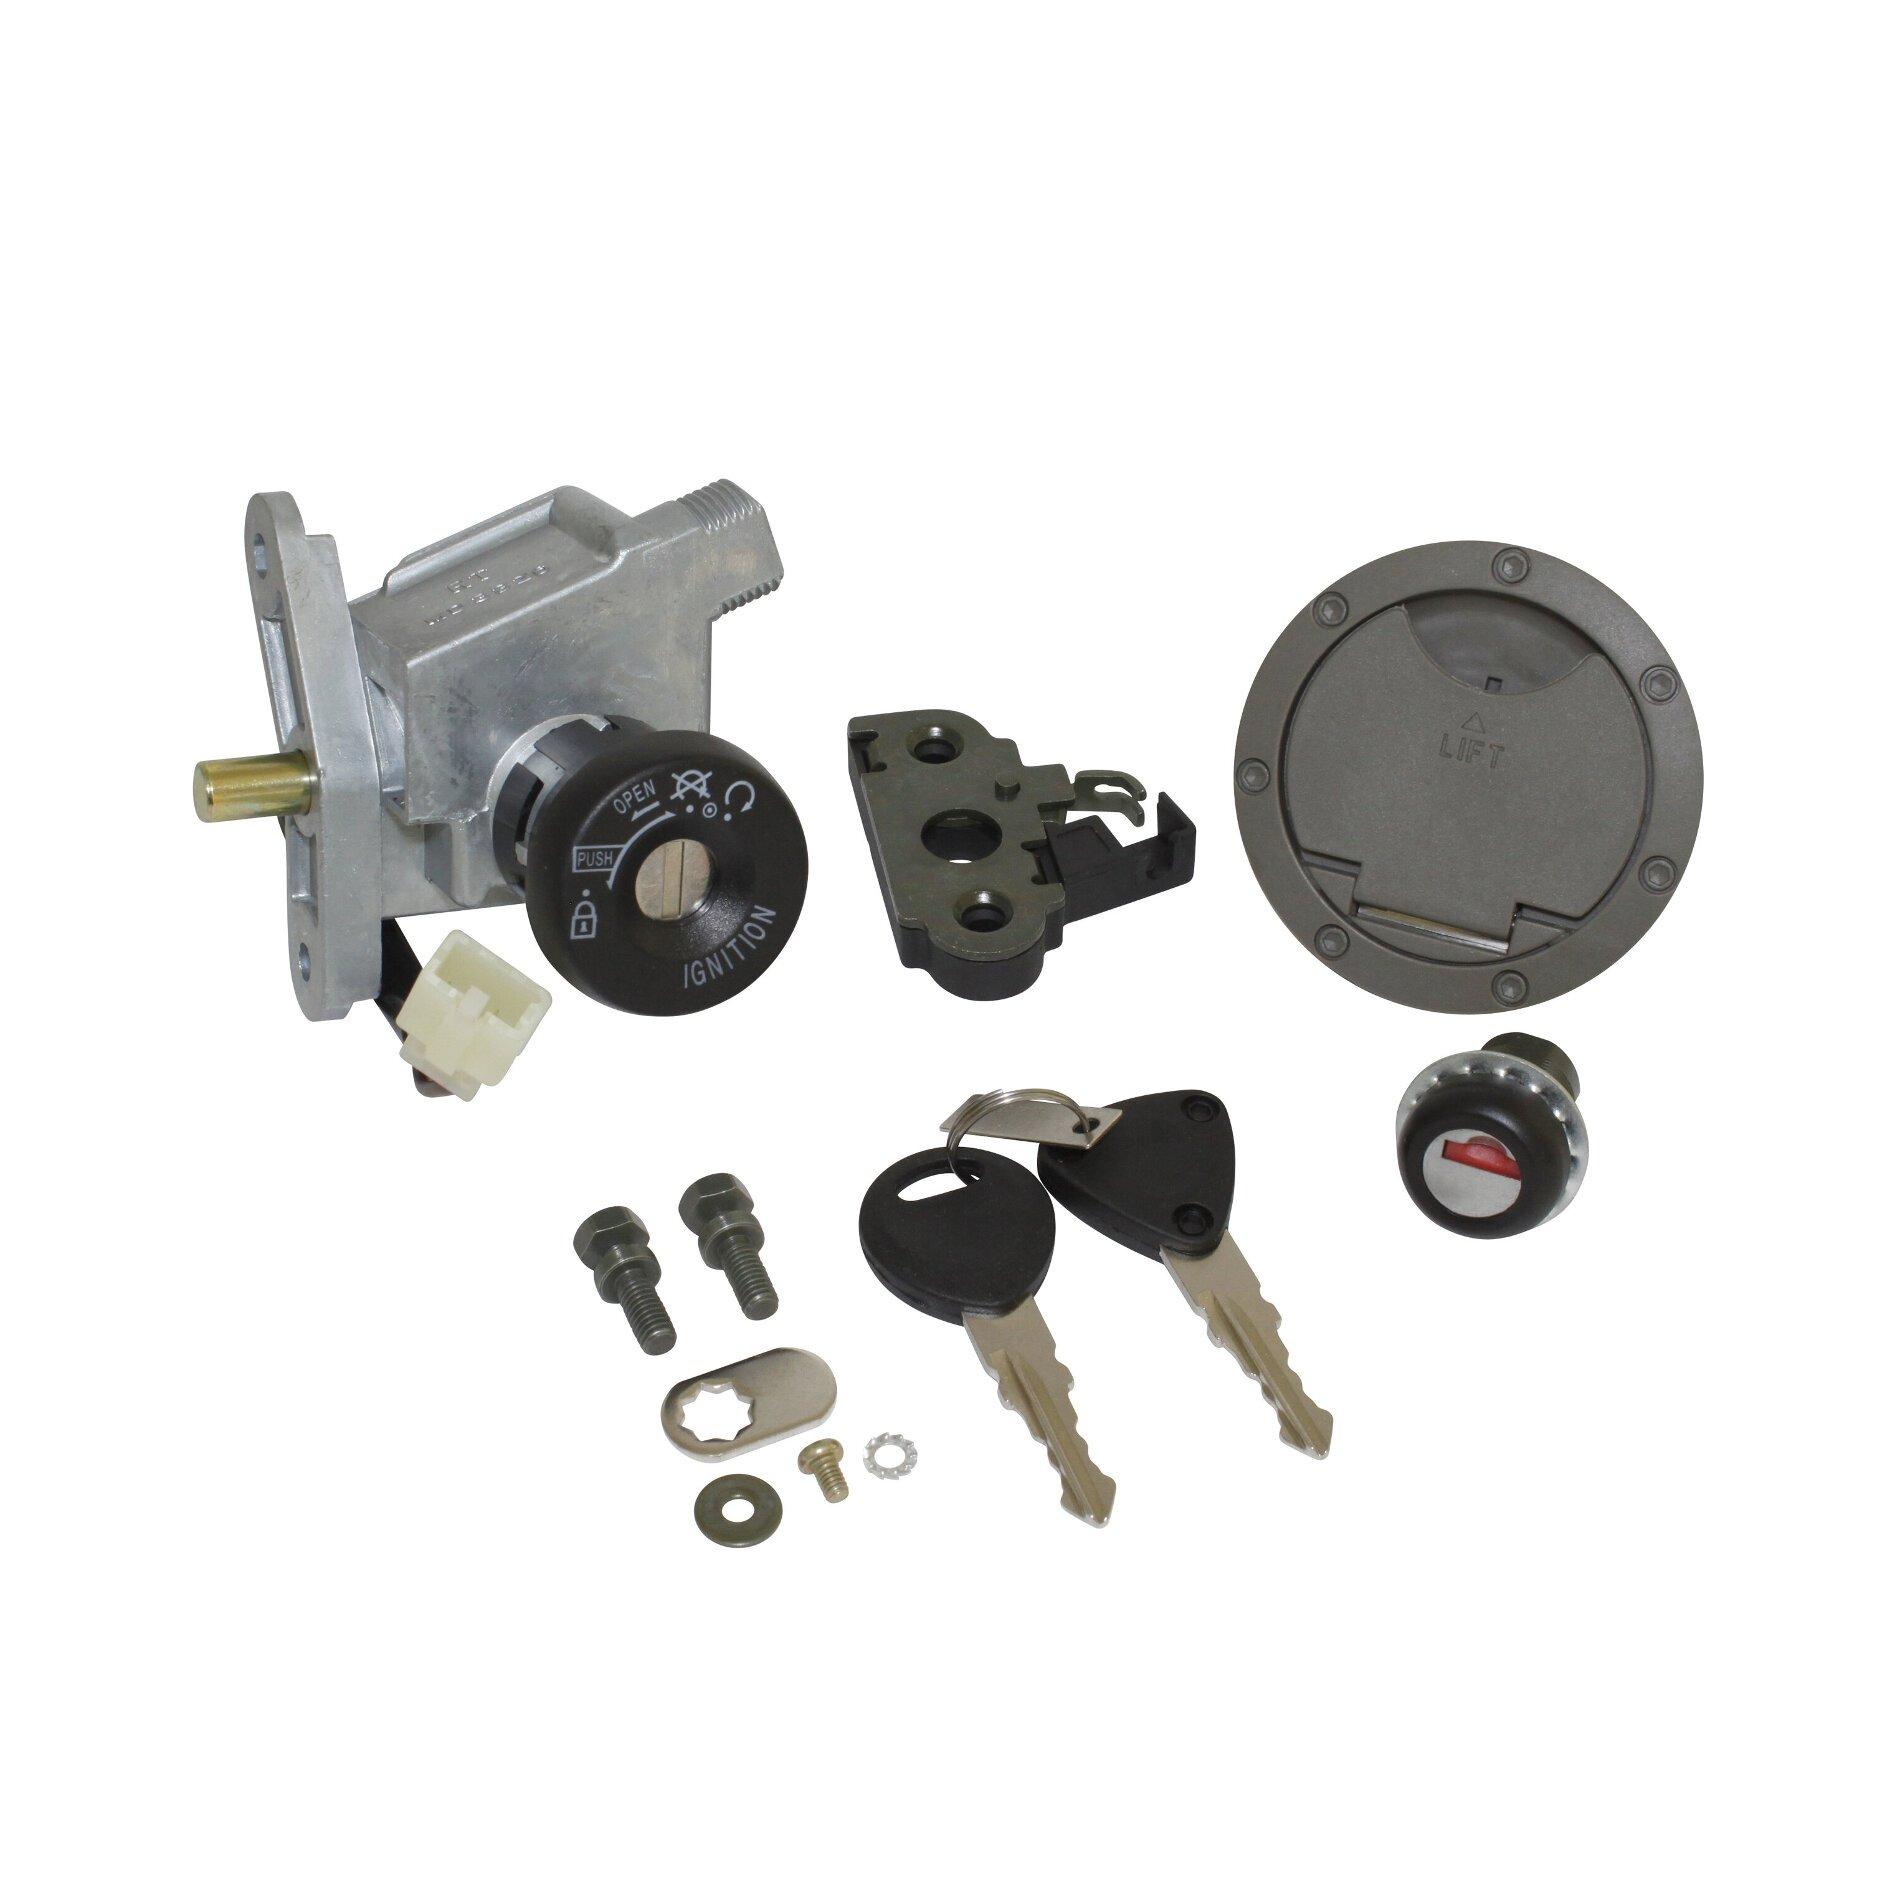 Contacteur à clé avec bouchon et serrure de selle adaptable MBK 50 Nit